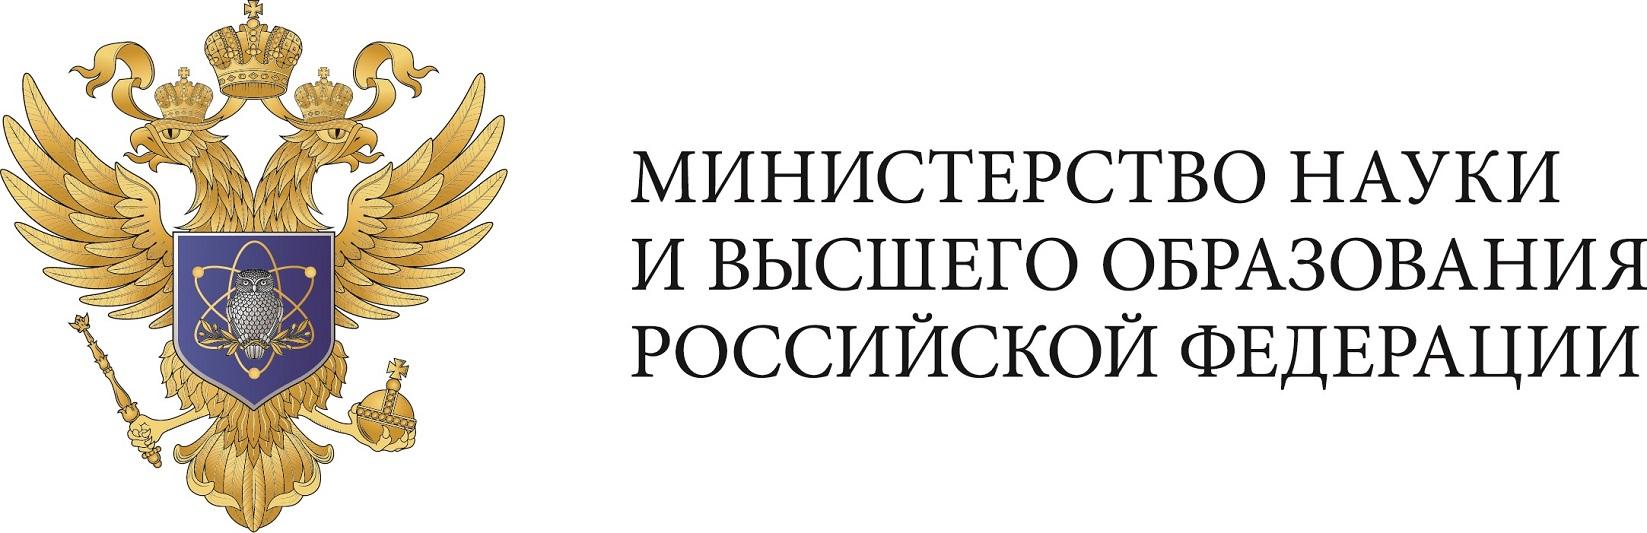 Minobr